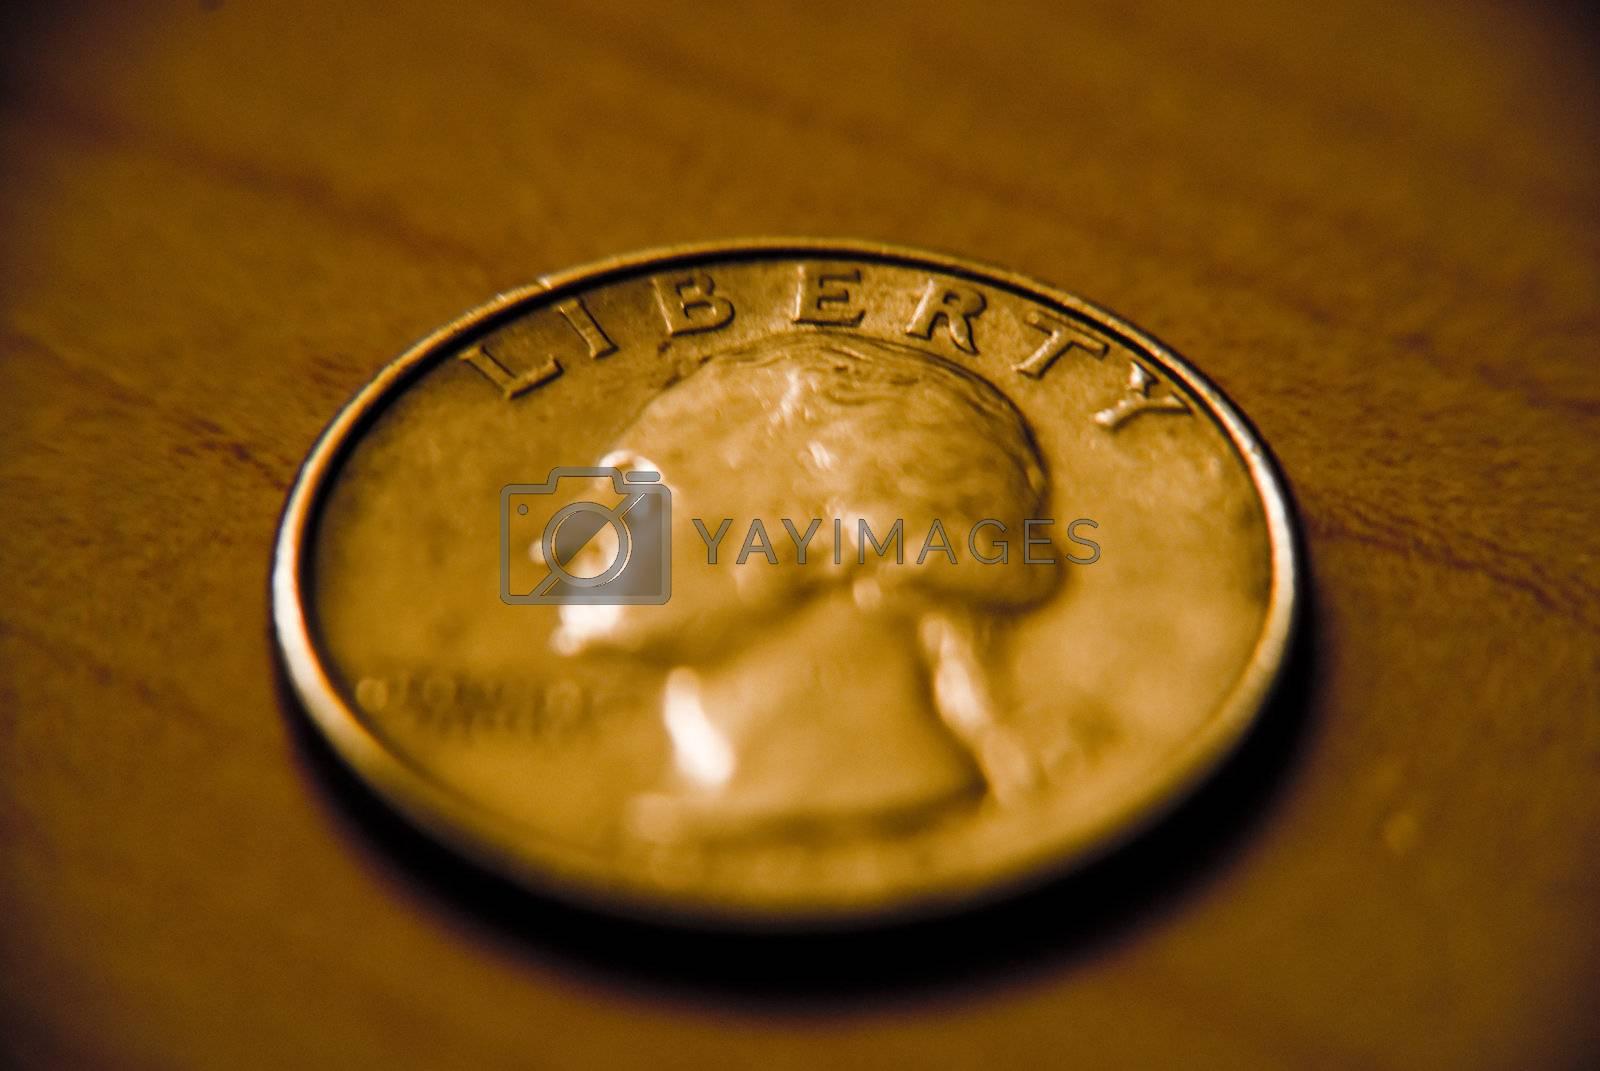 Closeup of a coin